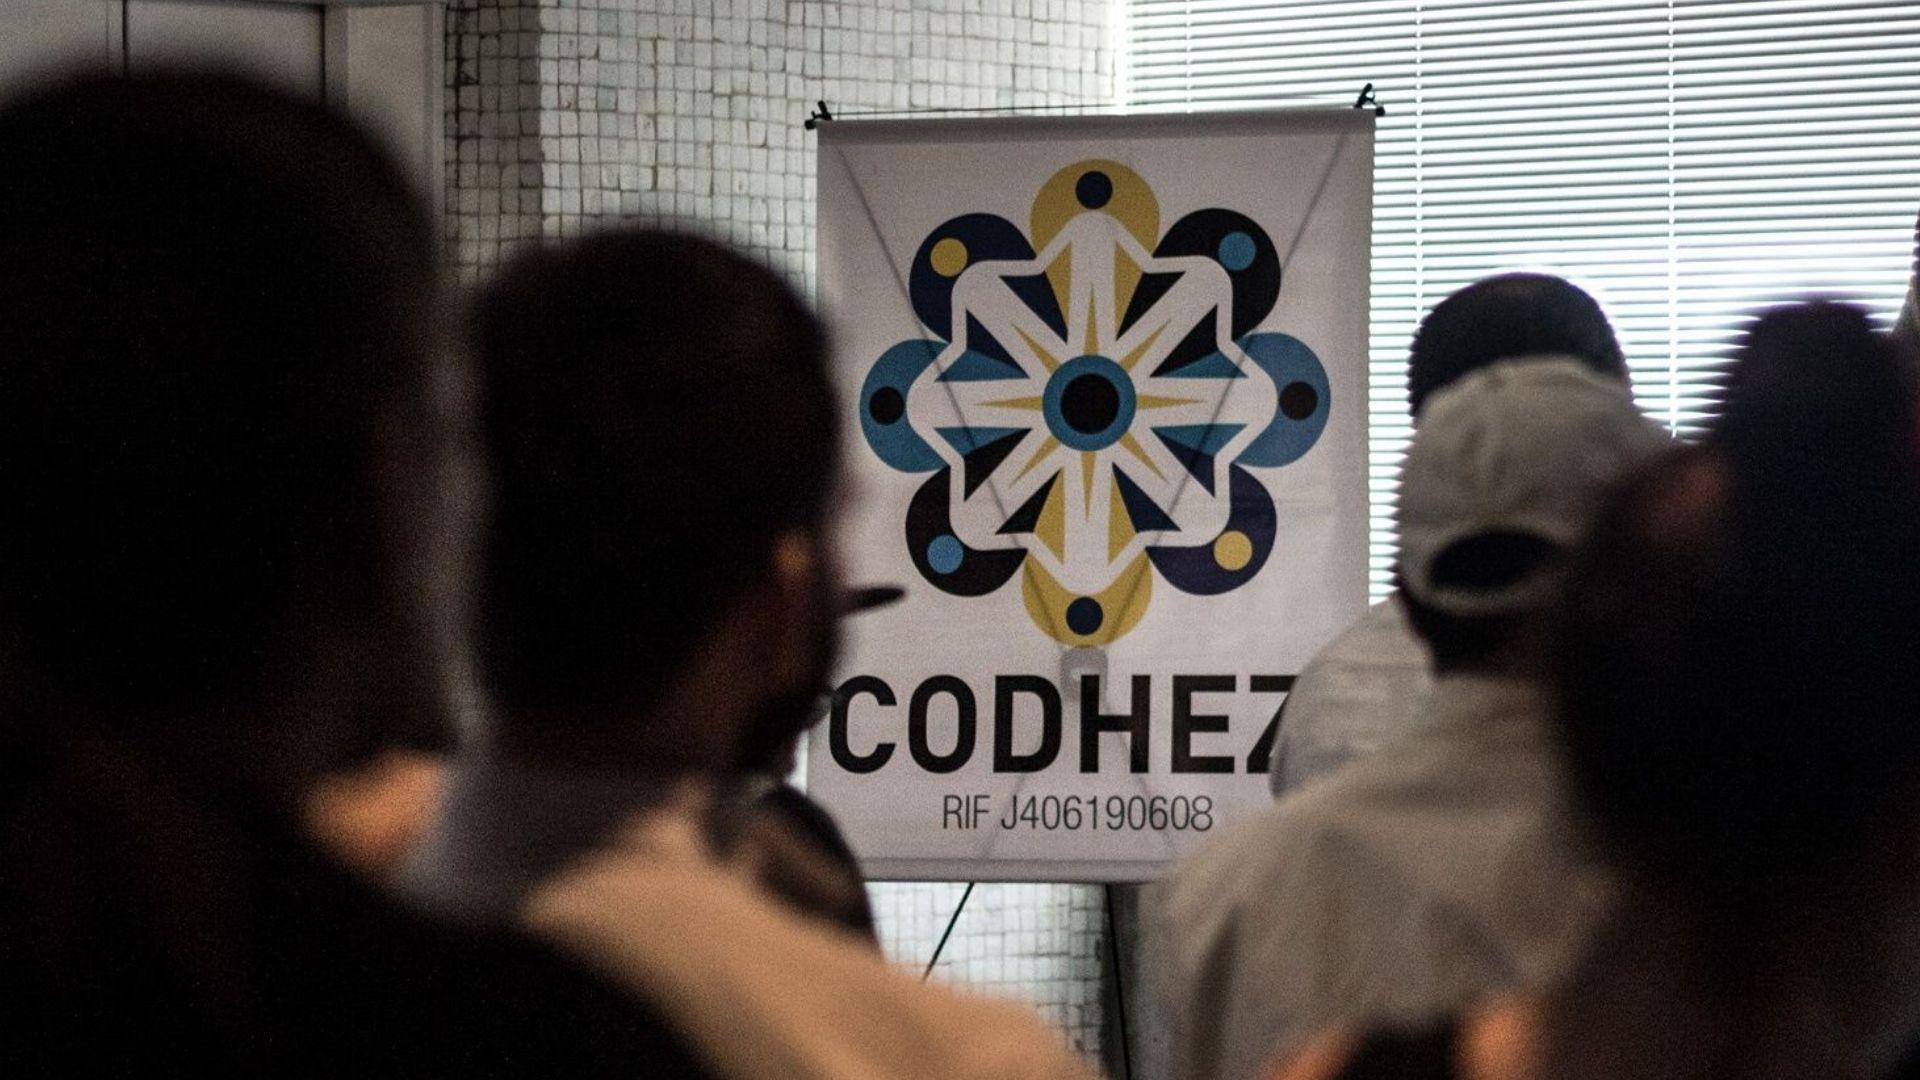 Codhez condena persecución contra presidenta del Colegio de Enfermería de Zulia